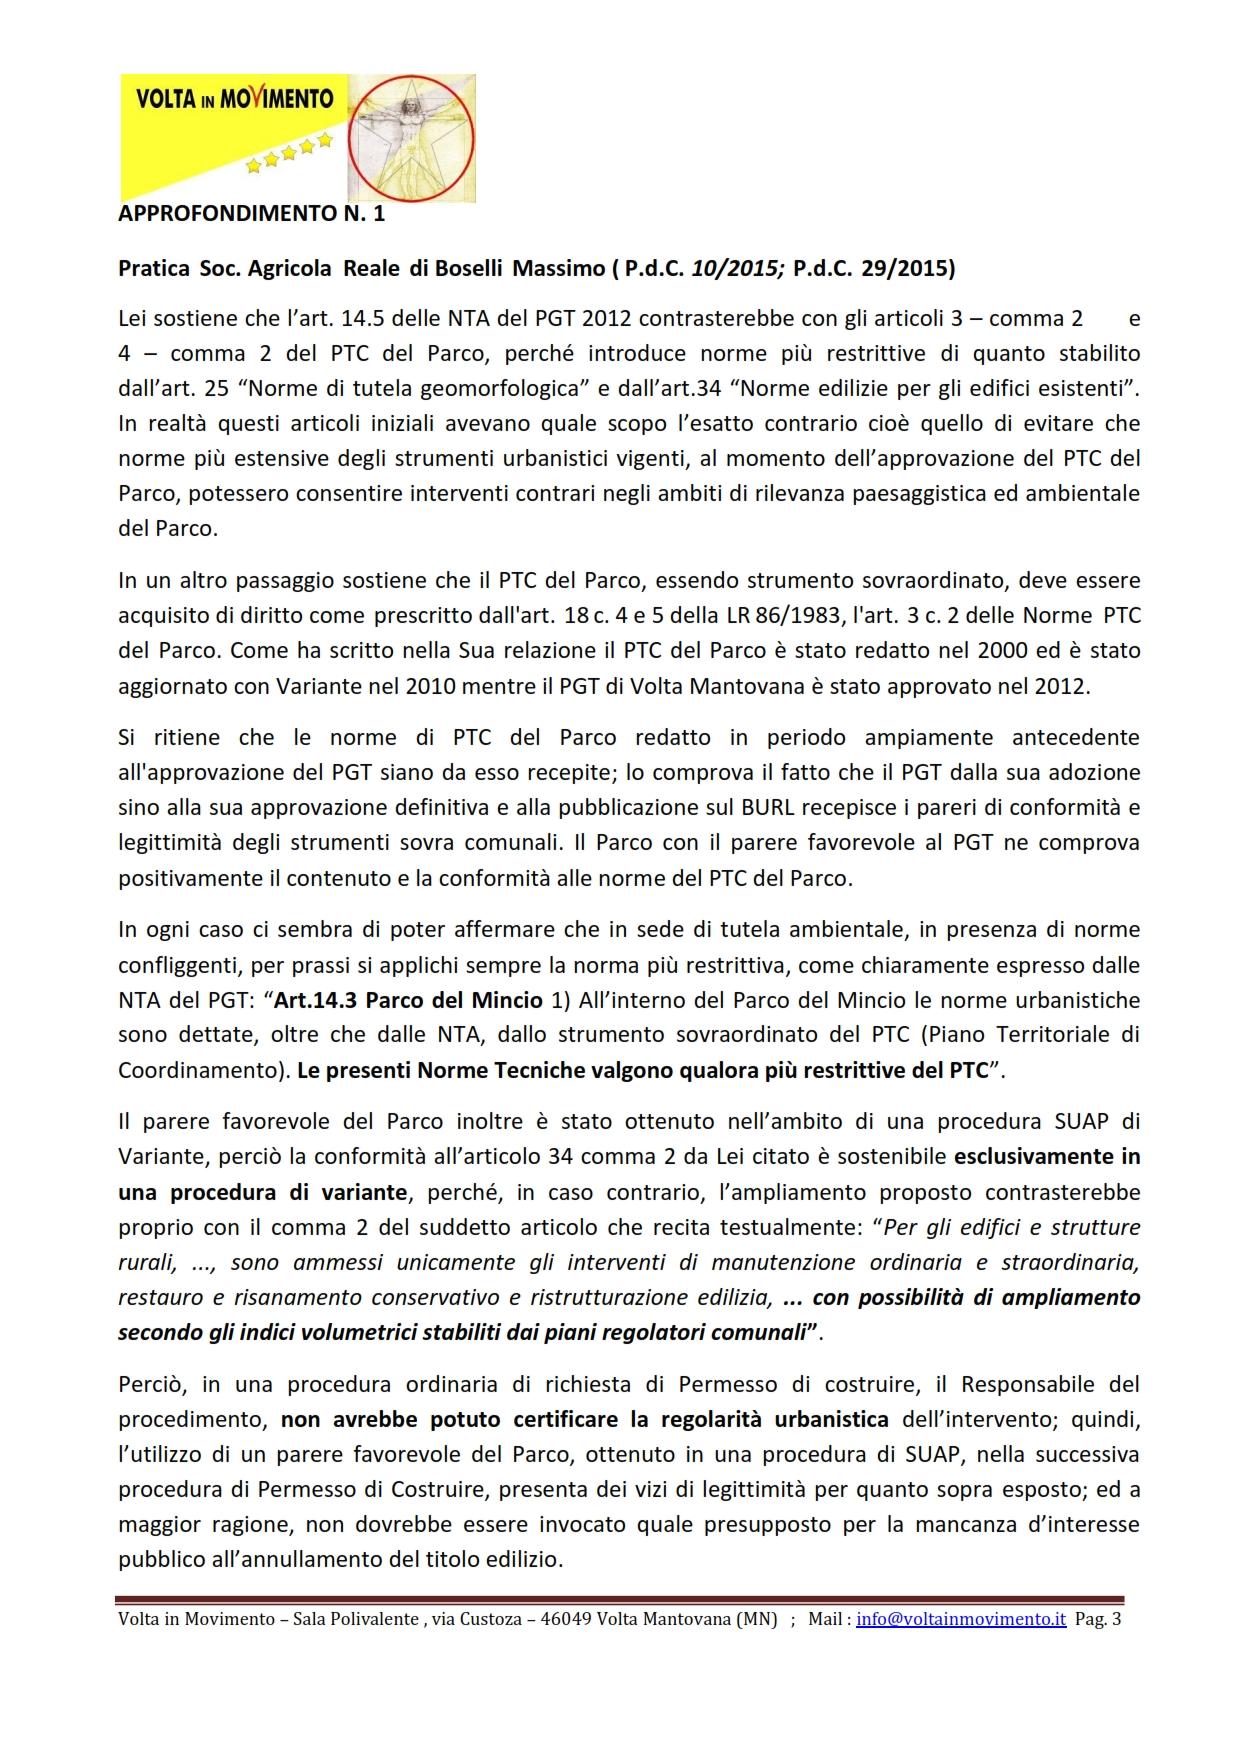 replica-alla-relazione-del-geom-milani-30-luglio-2016_003